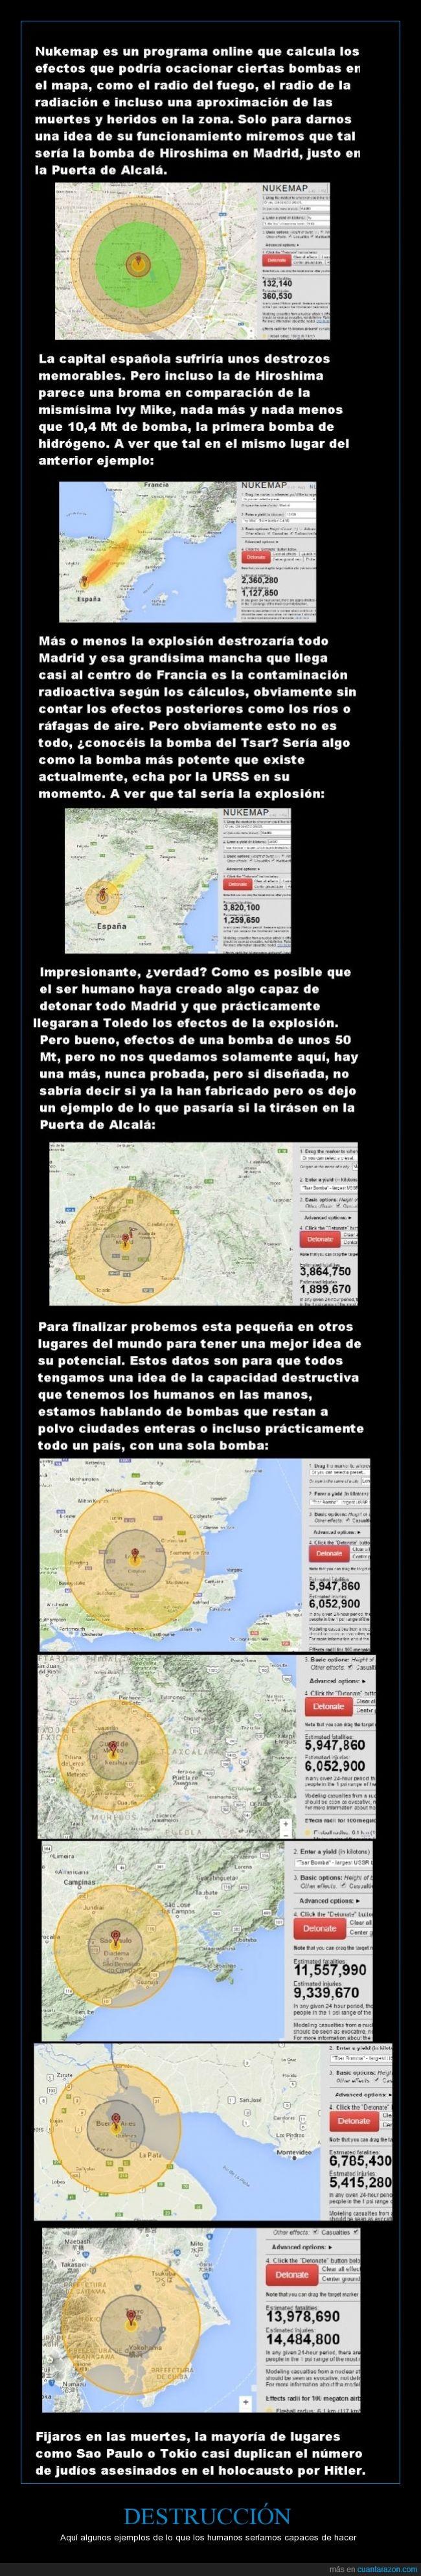 Bomba,Buenos Aires,Ciudad de México,destrucción,Hiroshima,humano,Ivy Mike,Londres,Madrid,potente,Puerta de Alcalá,Sao Paulo,Tokyo,Tsar